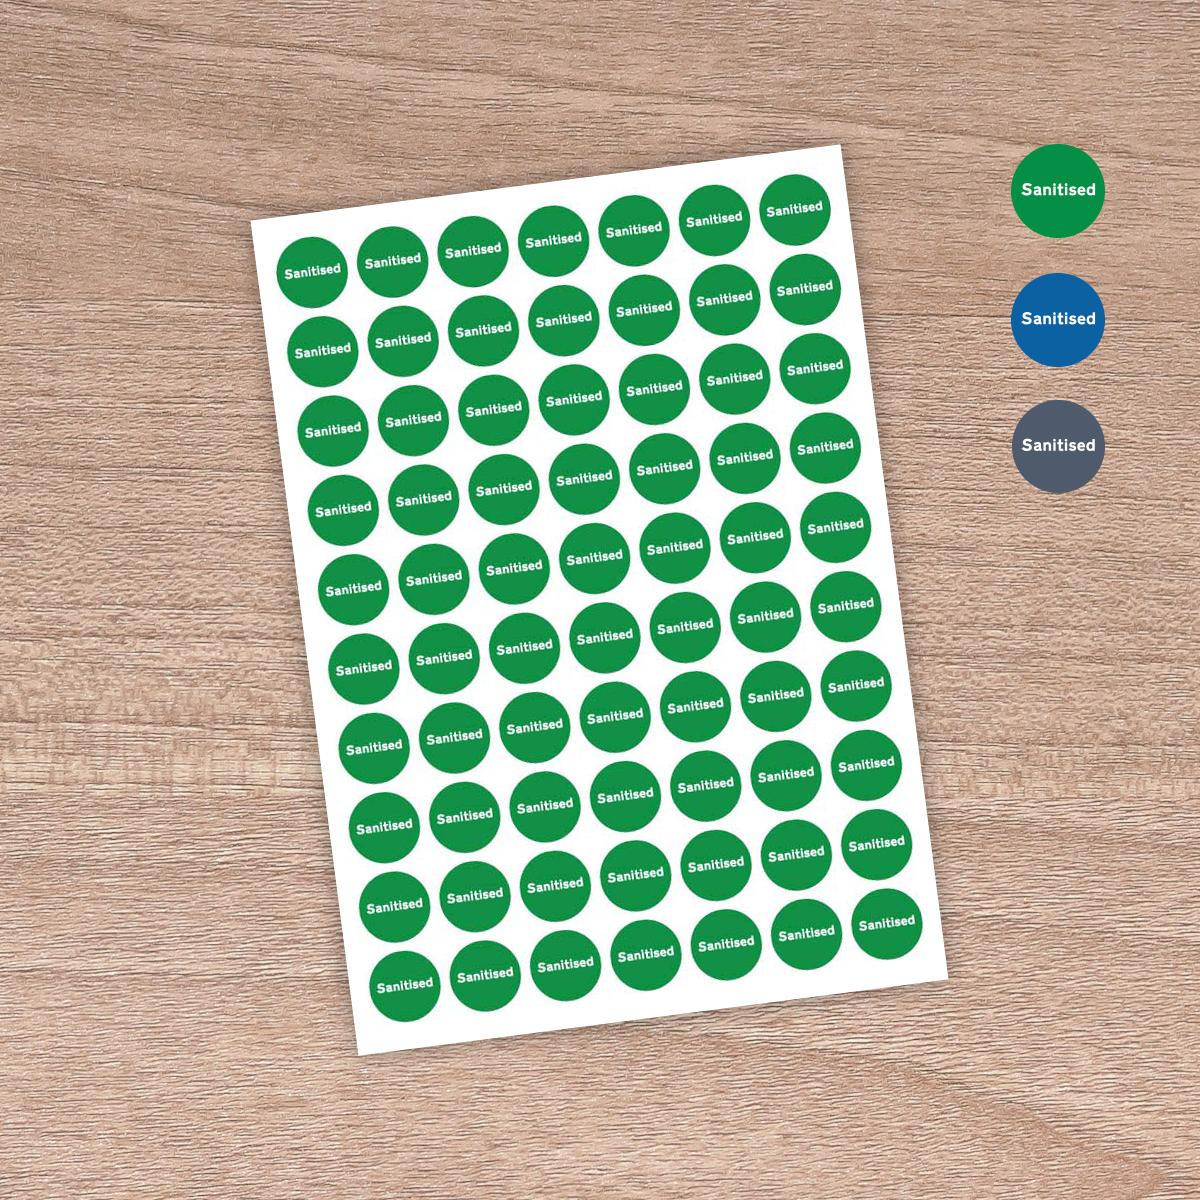 """25mm """"Sanitised"""" - Table / Desk / Workstation / Door - Information Stickers - Sign Green"""